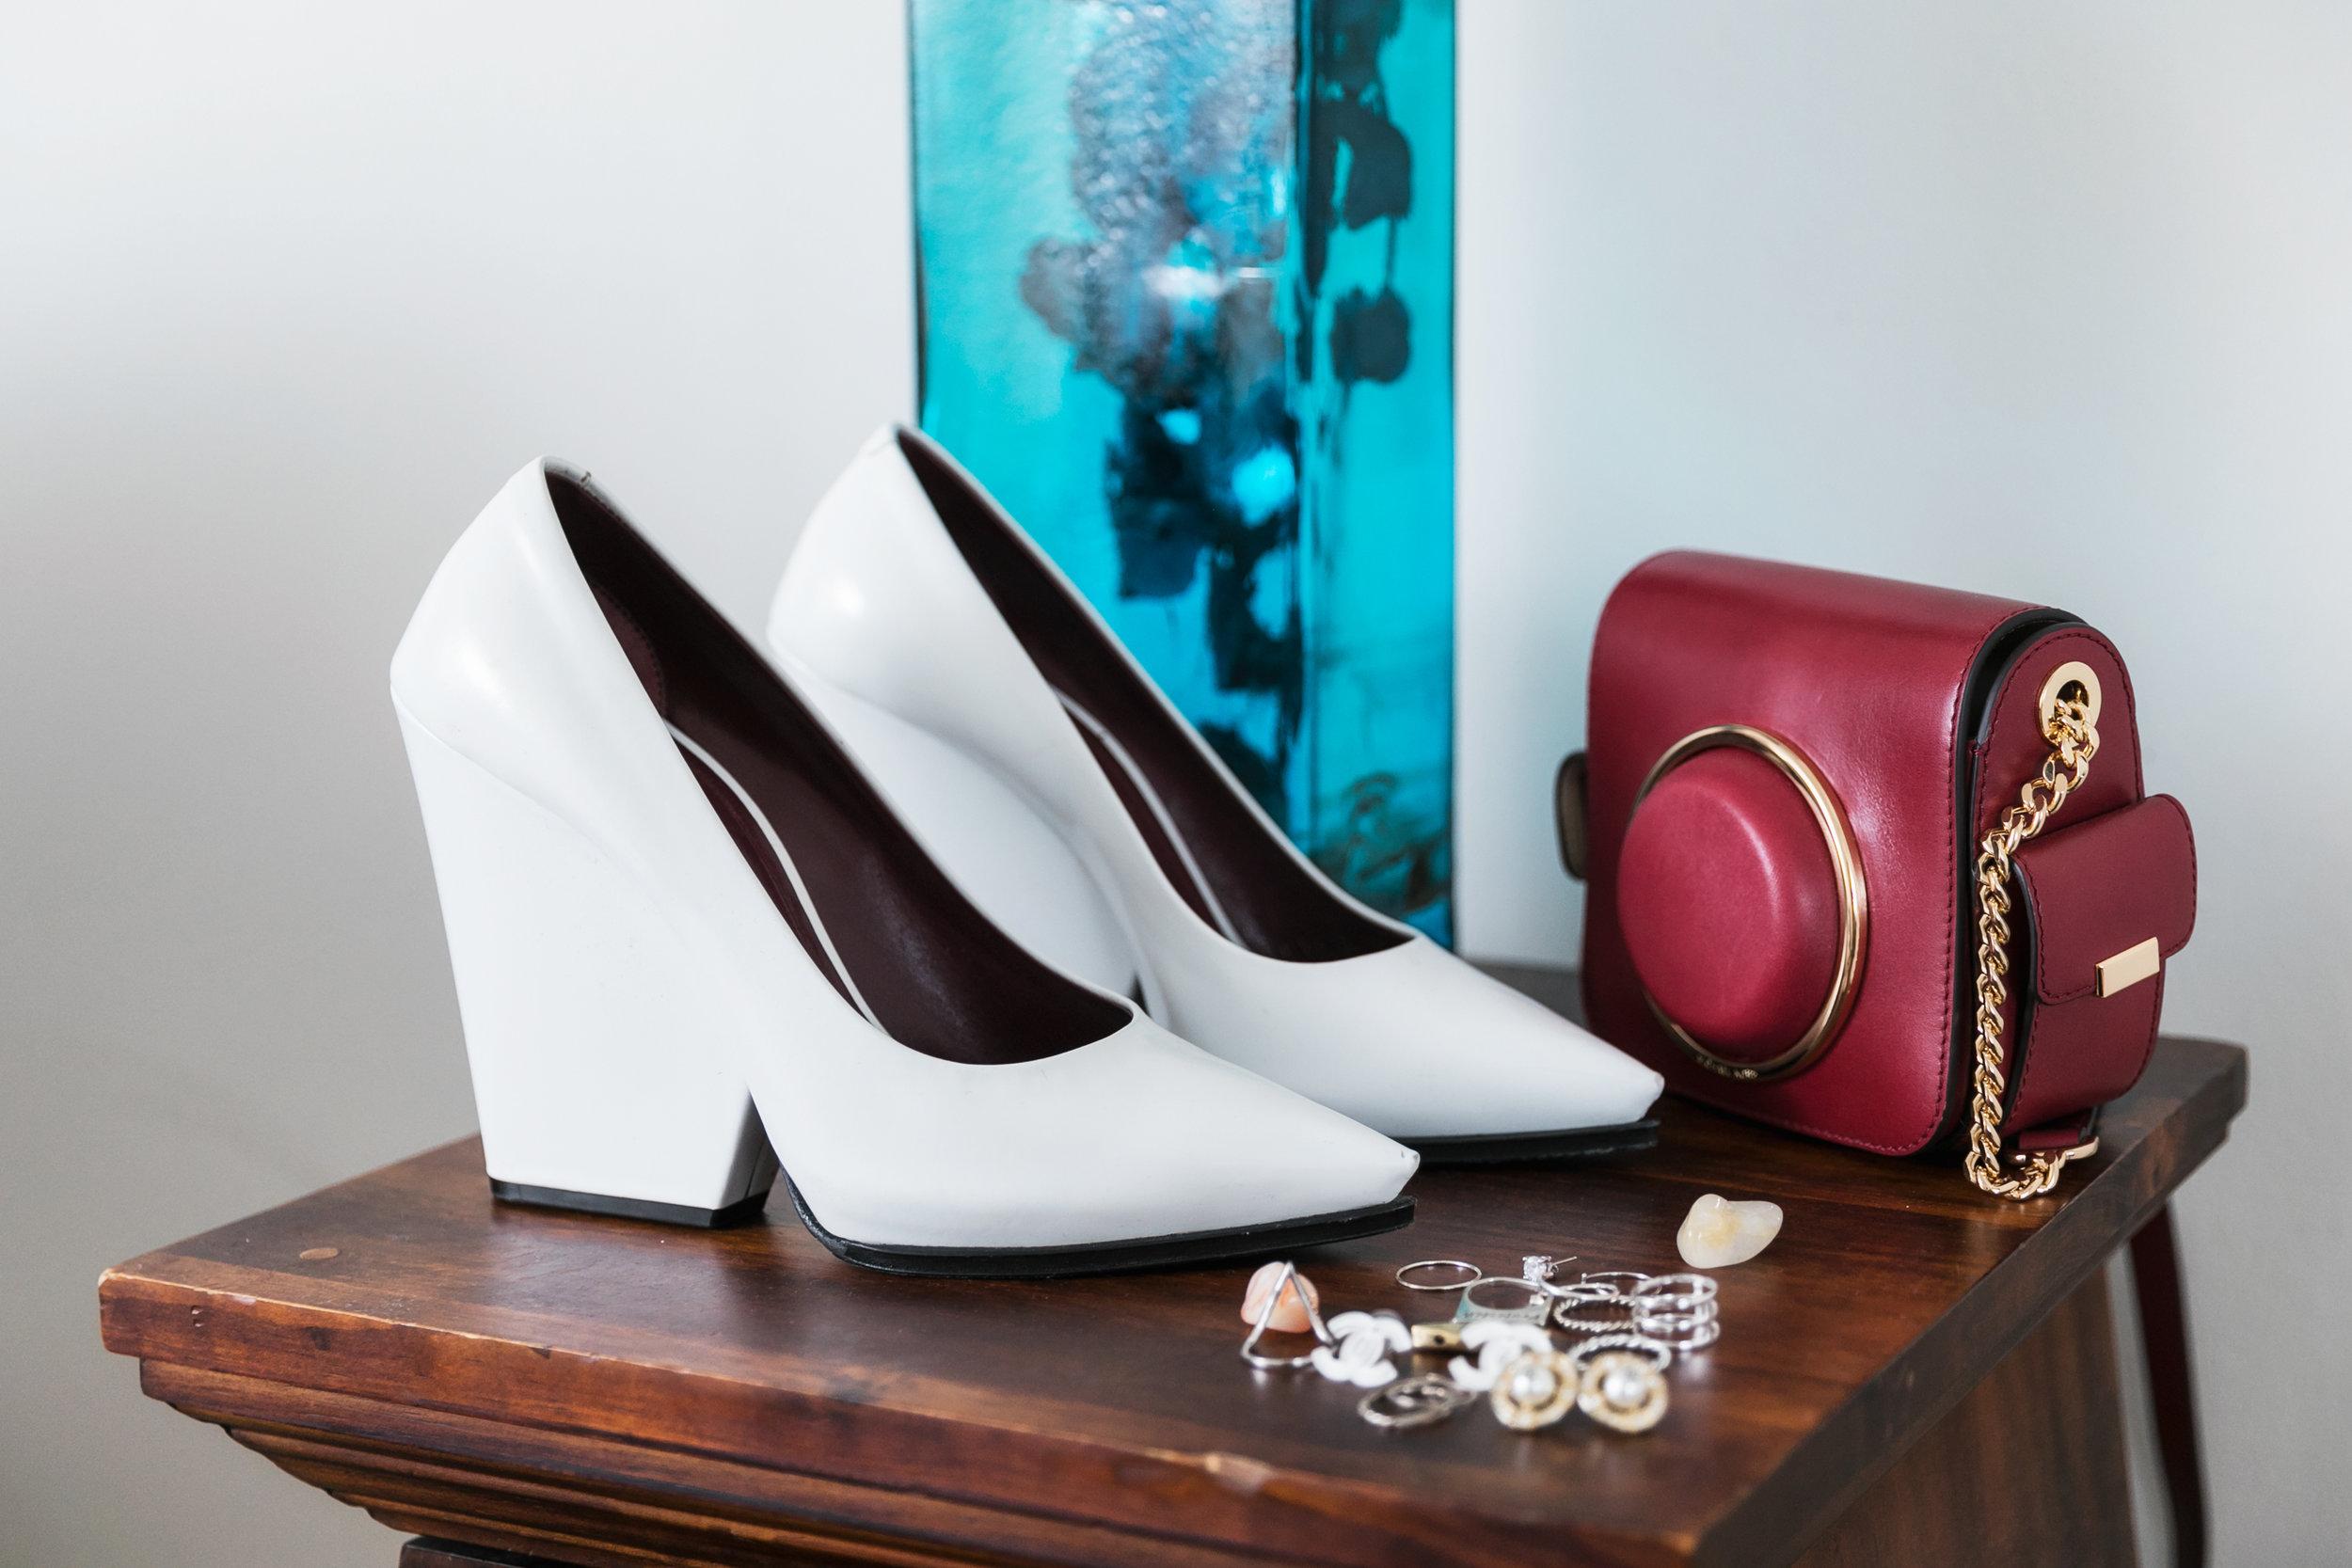 Shoes: Celine. Bag: Michael Kors. Earrings: Chanel.